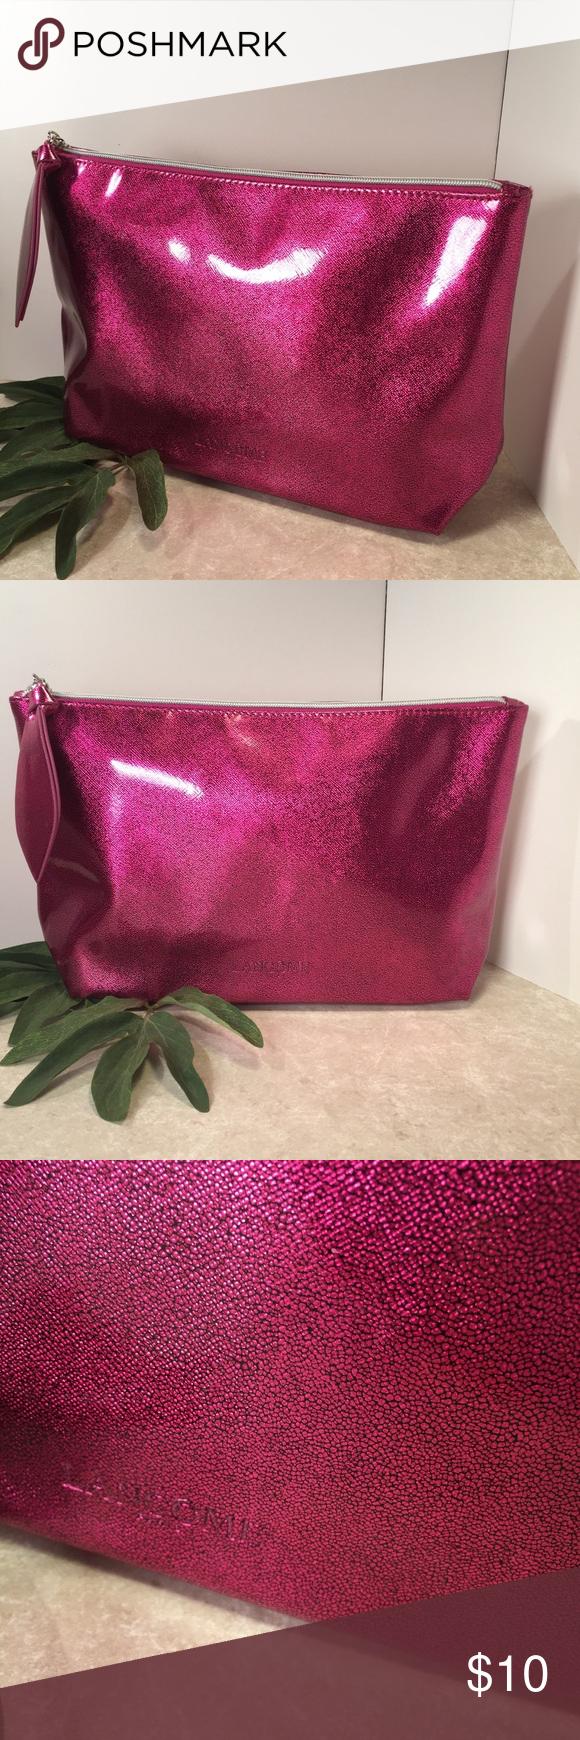 Lancôme pink sparkle metallic large makeup case Large